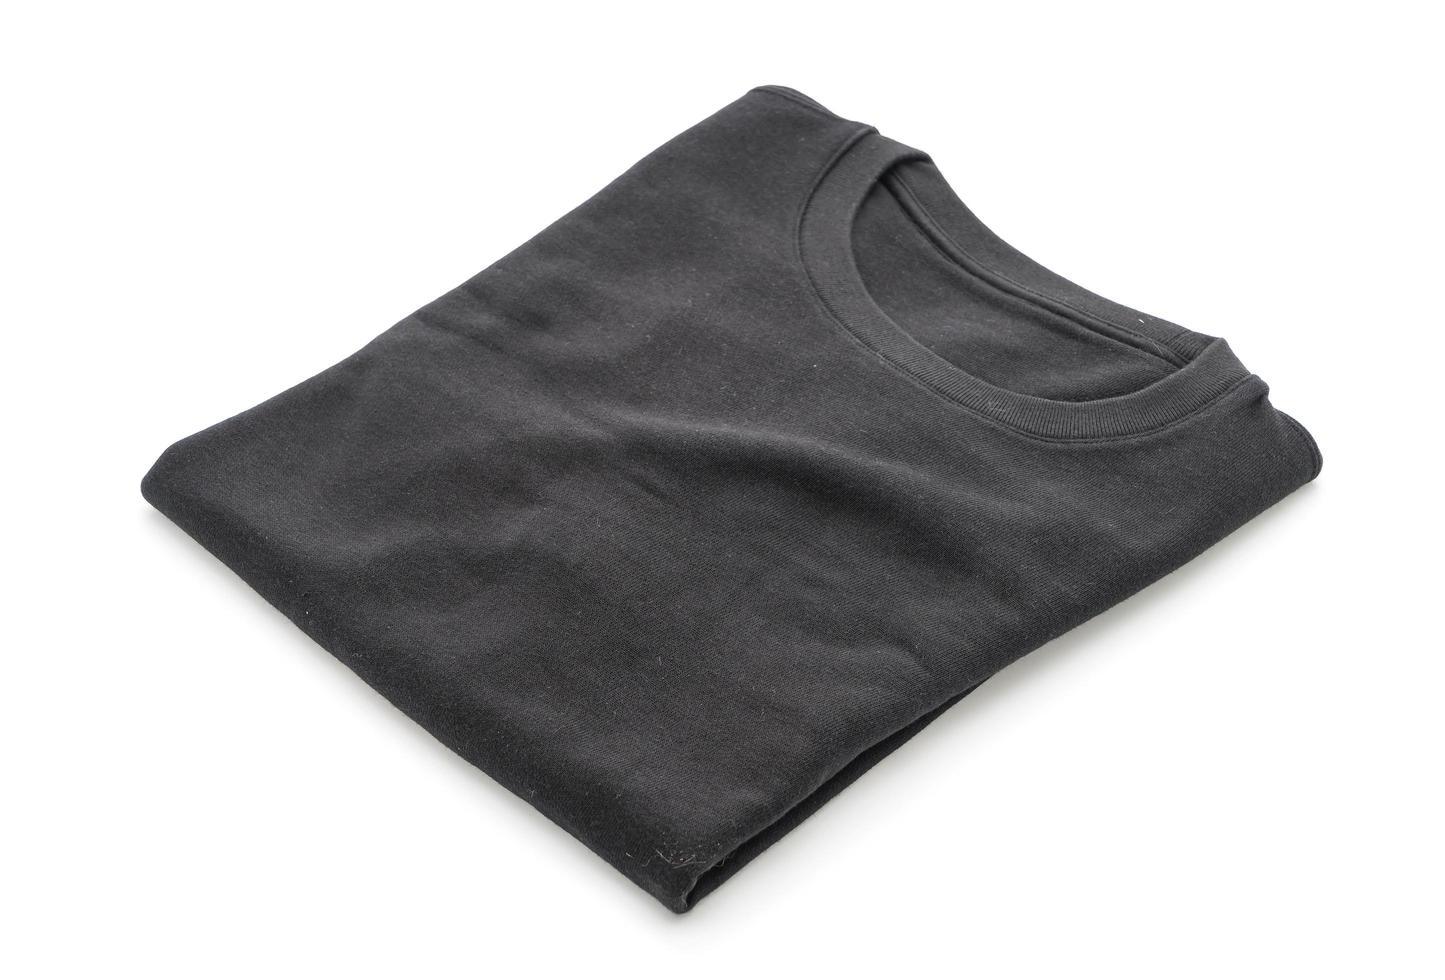 zwart gevouwen t-shirt foto